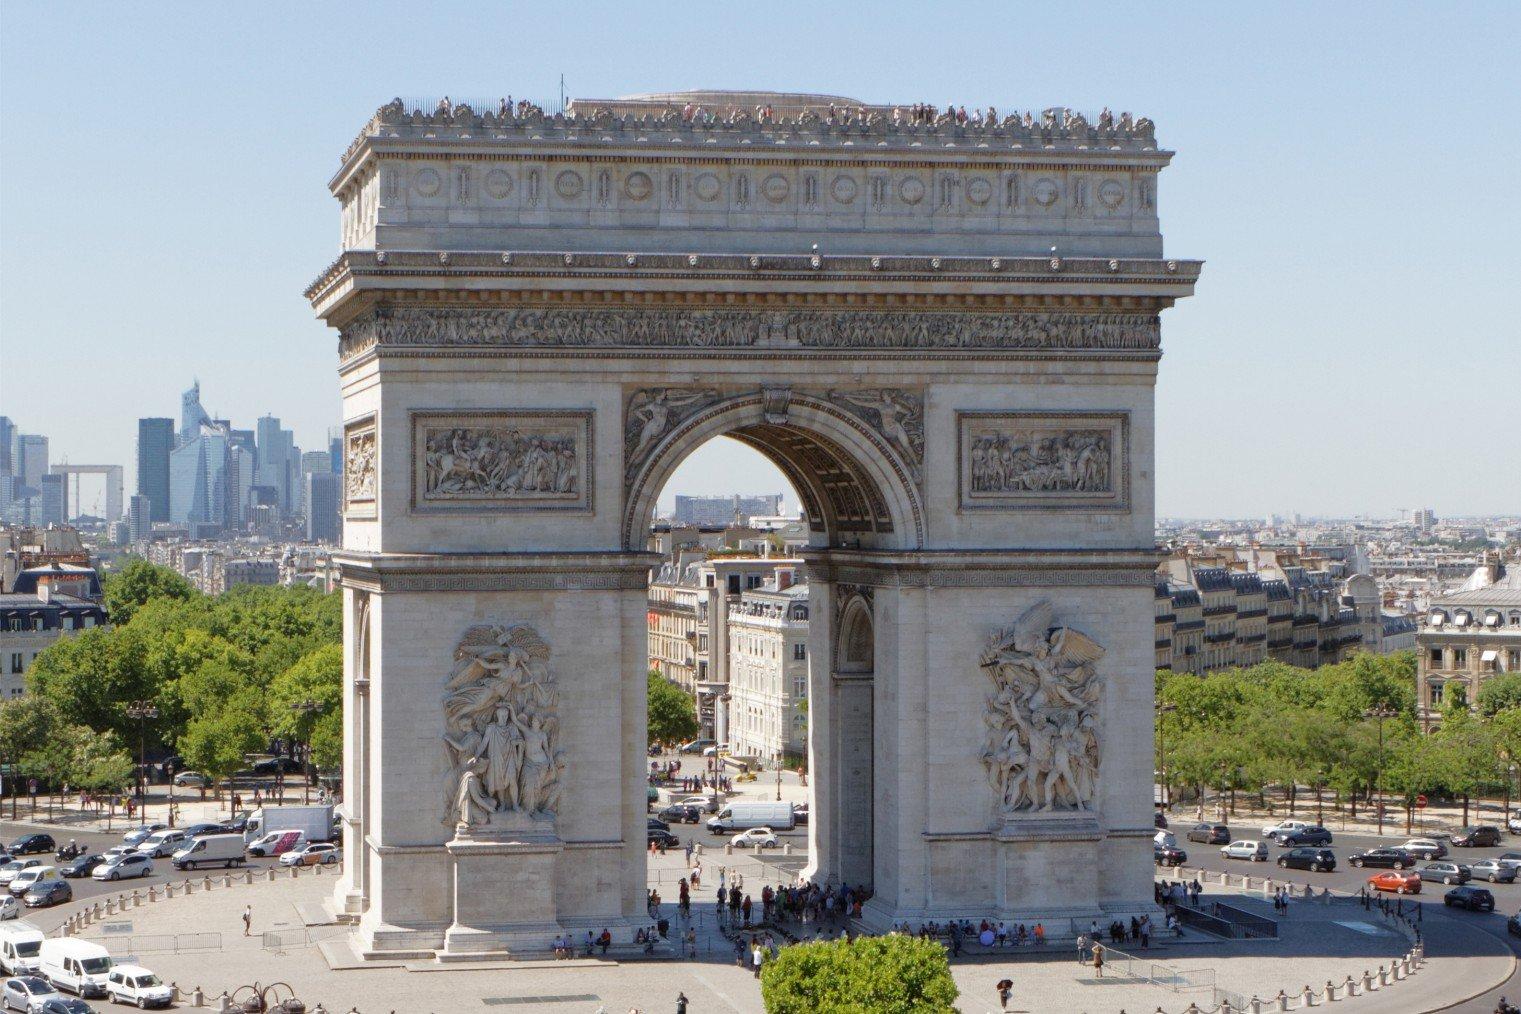 Триумфальная арка, Париж. Arc de Triomphe, Paris